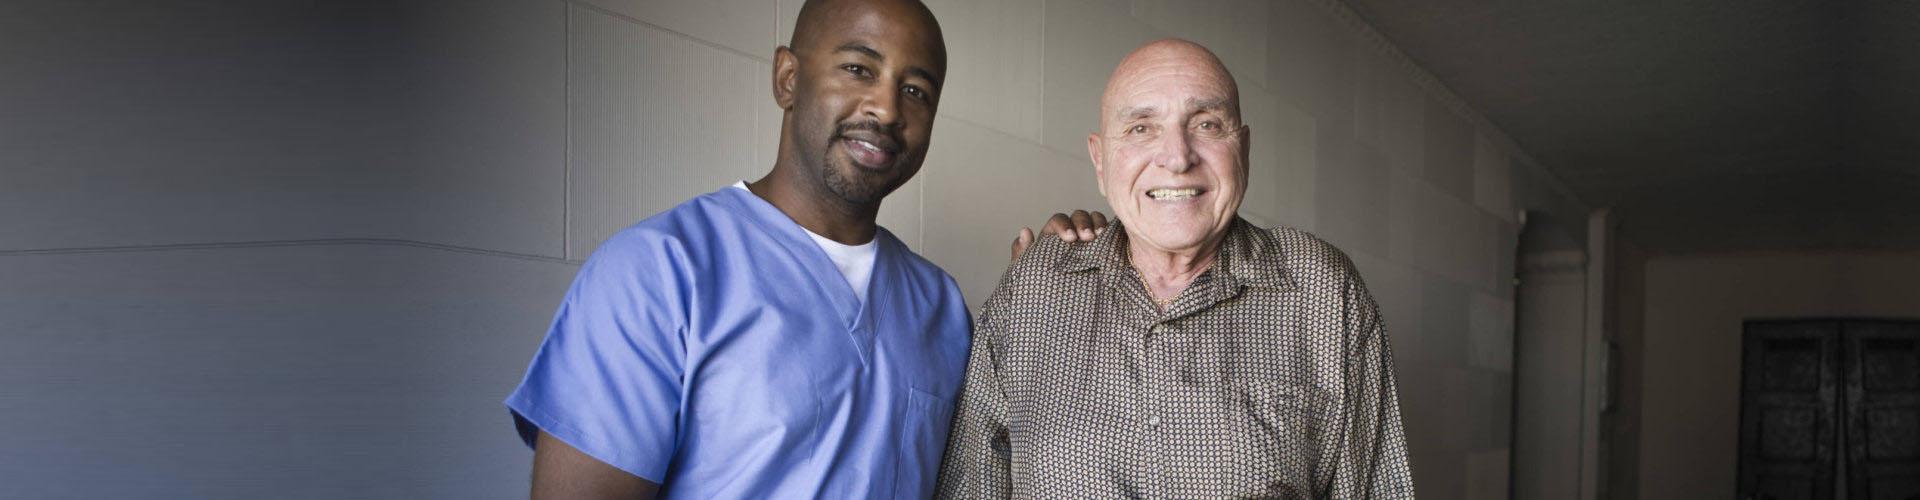 elder man and adult caregiver